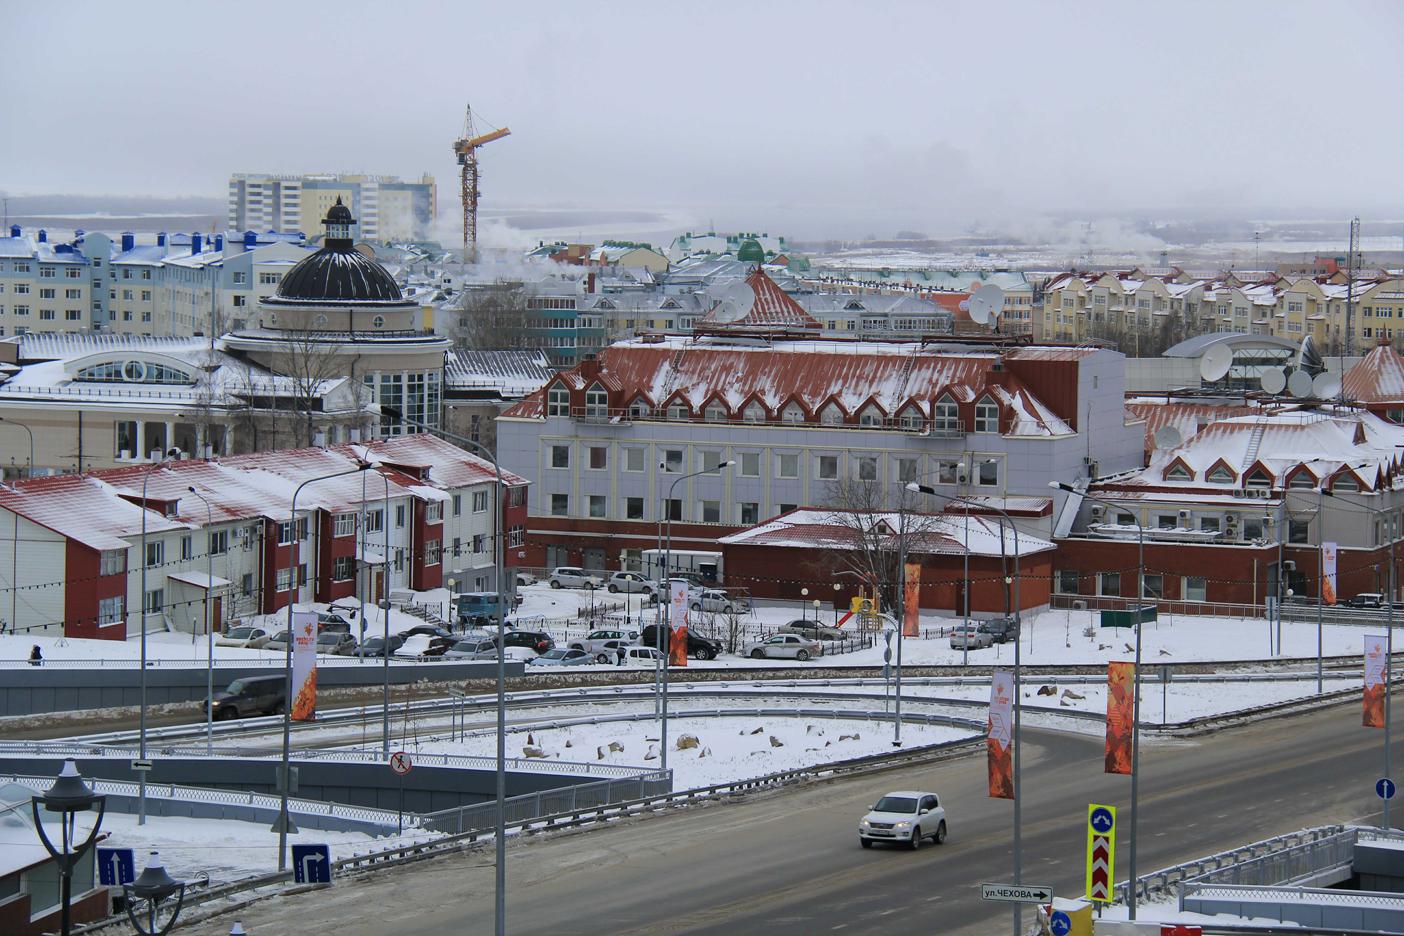 Центр Ханты-Мансийска. Вид от собора1